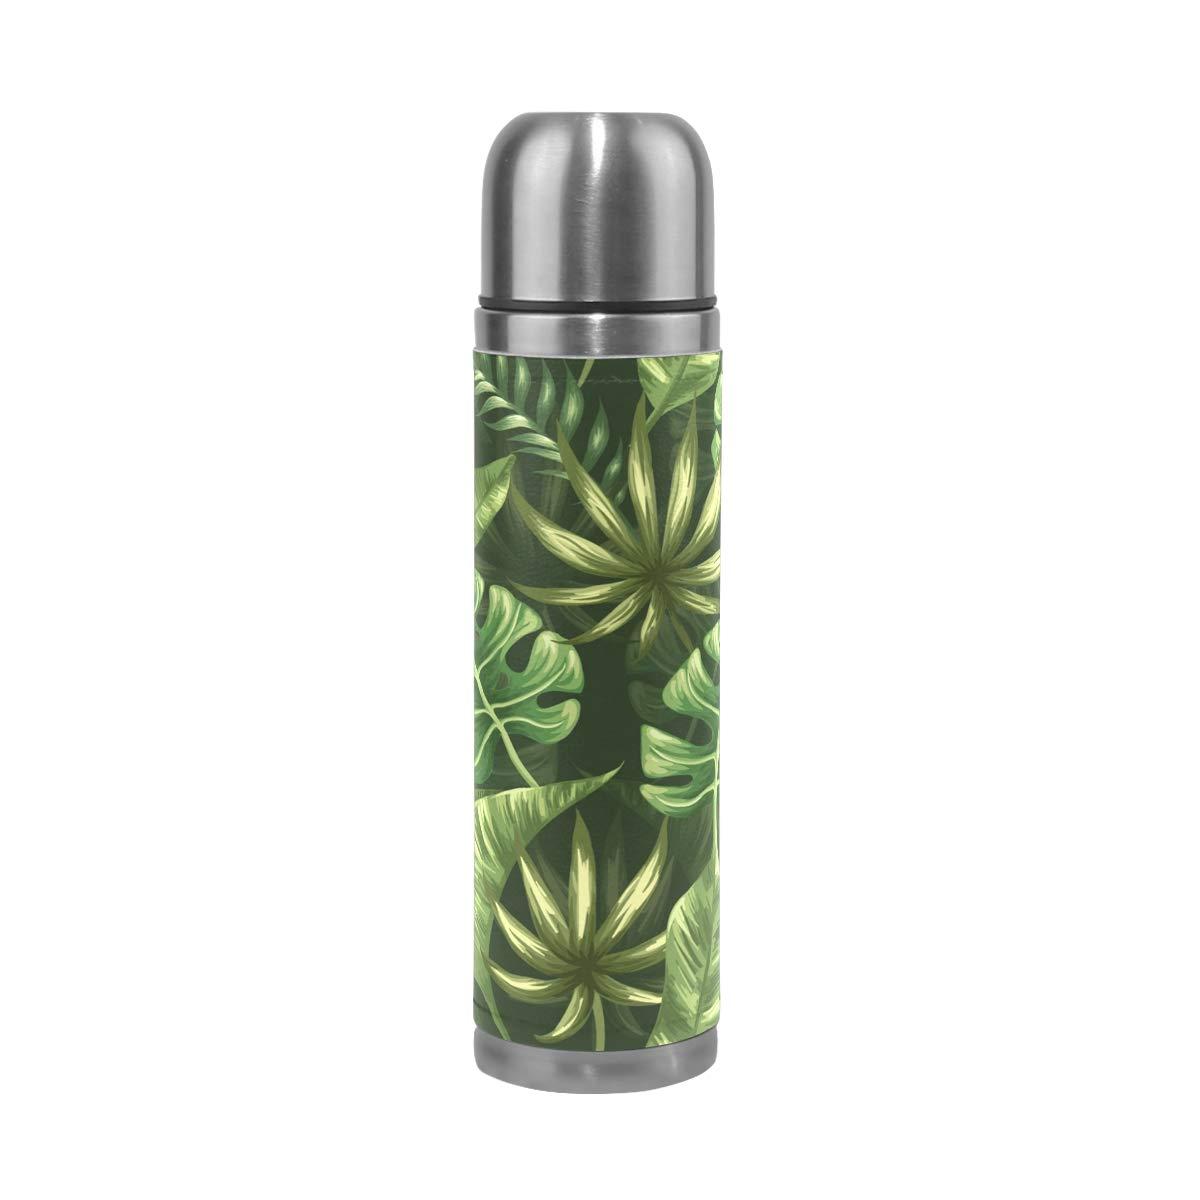 Mnsruu - Botella de Agua con Aislamiento de Hojas de Palmera Tropical, Acero Inoxidable, Doble Pared, a Prueba de Fugas, Funda de Piel auténtica para Viaje, 453 ML